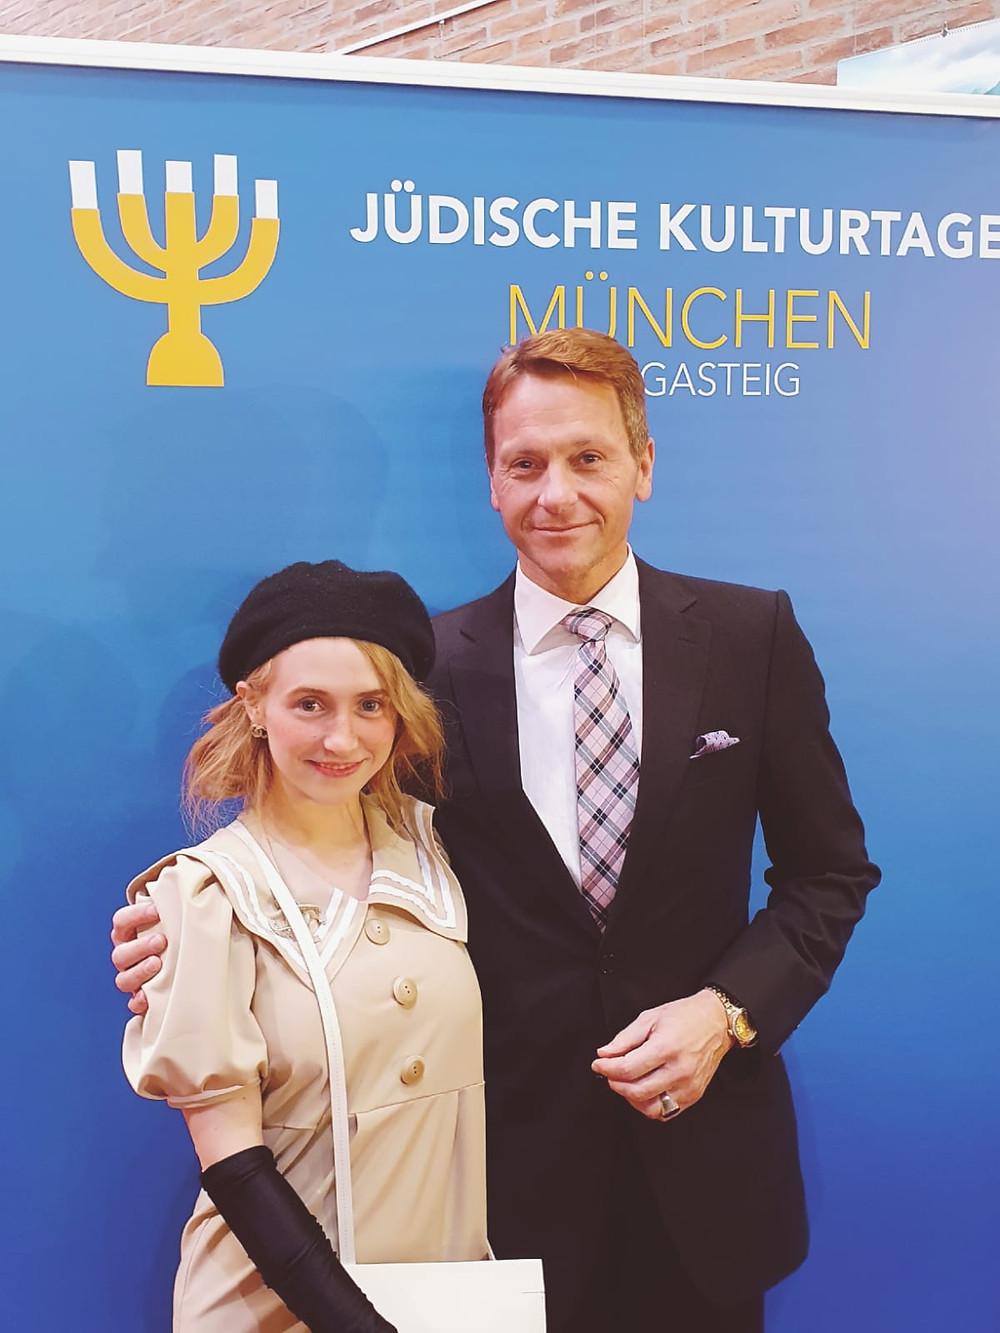 Dr. Rudolf King mit Frau Jasmin Falk bei der Eröffnung der 33. Jüdischen Kulturtage in München (Gasteig)